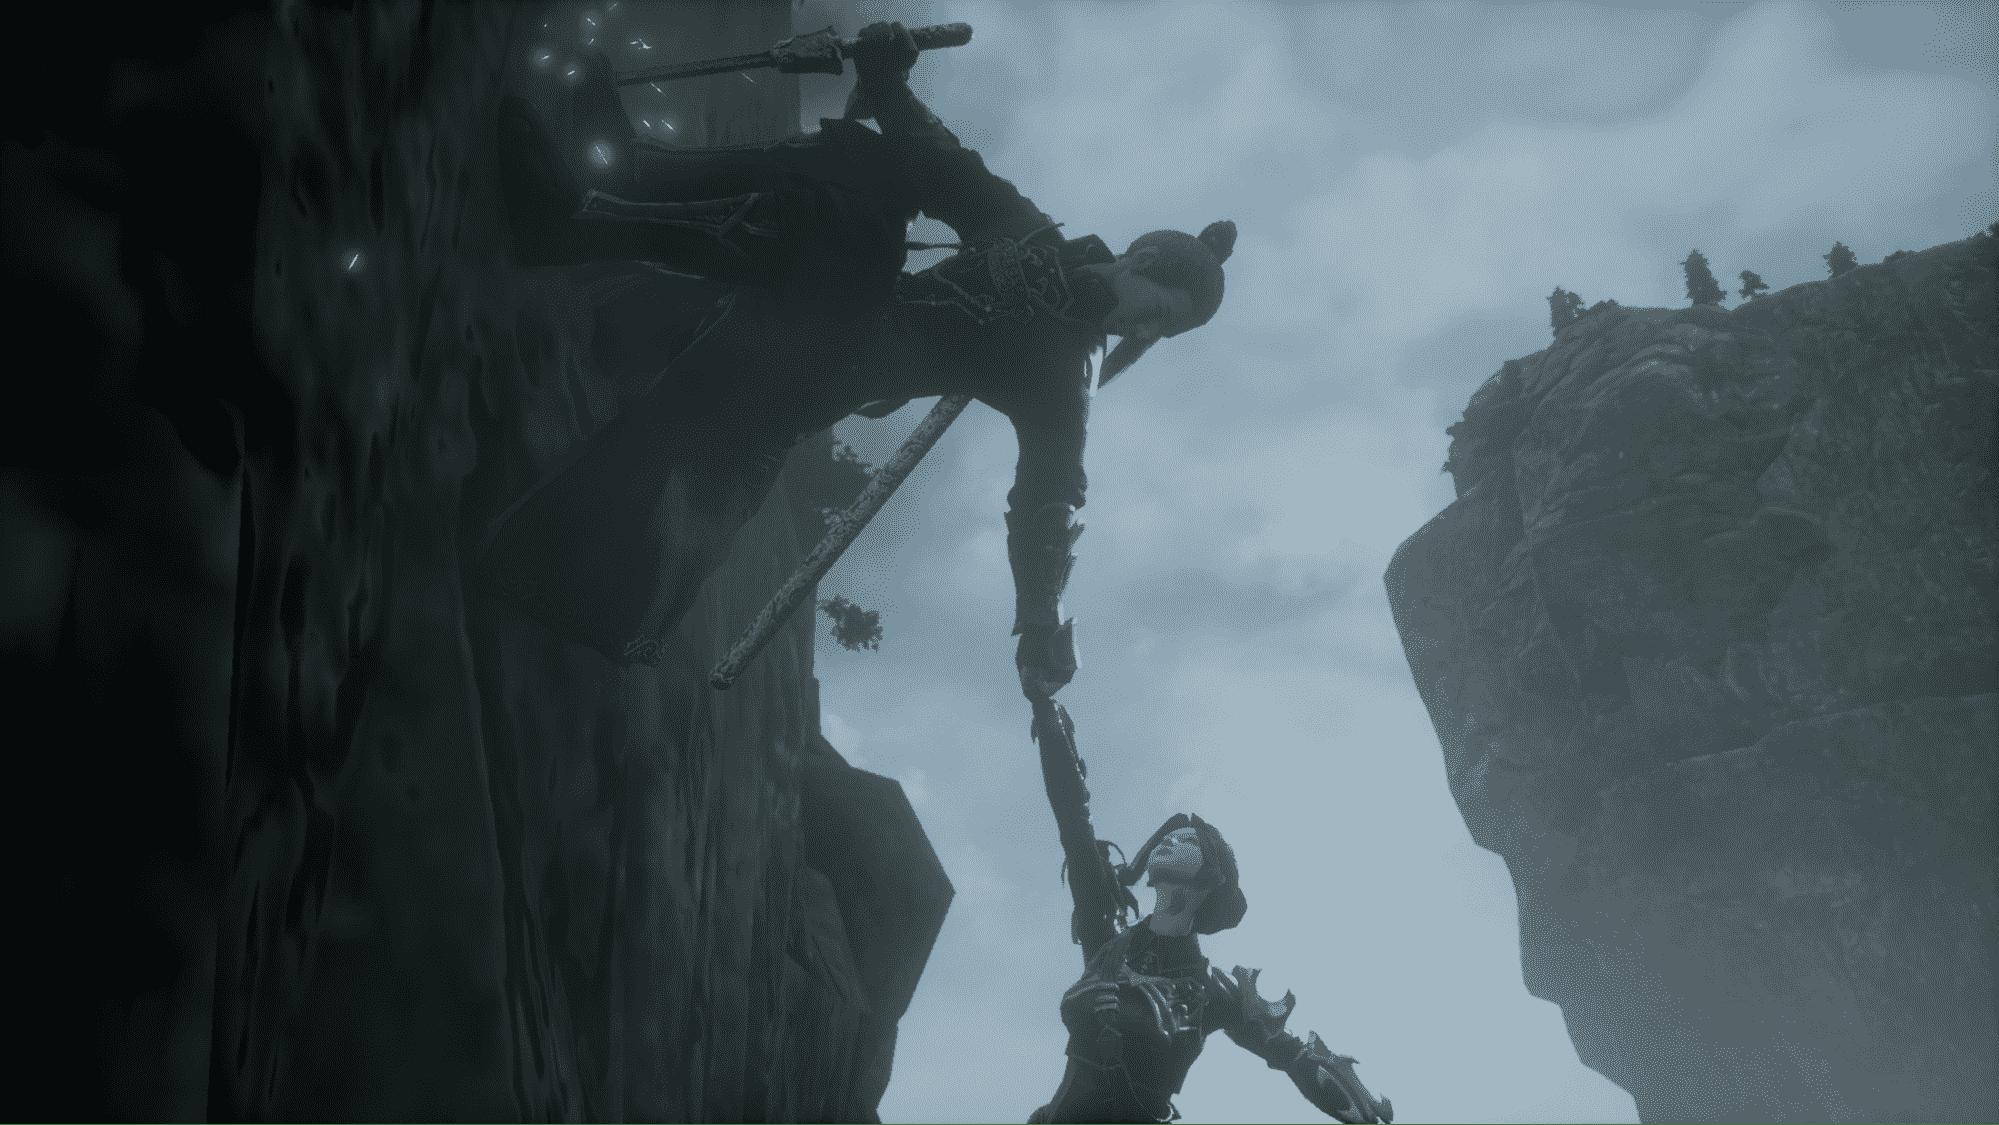 隠龍伝説:影の追跡 レビュー